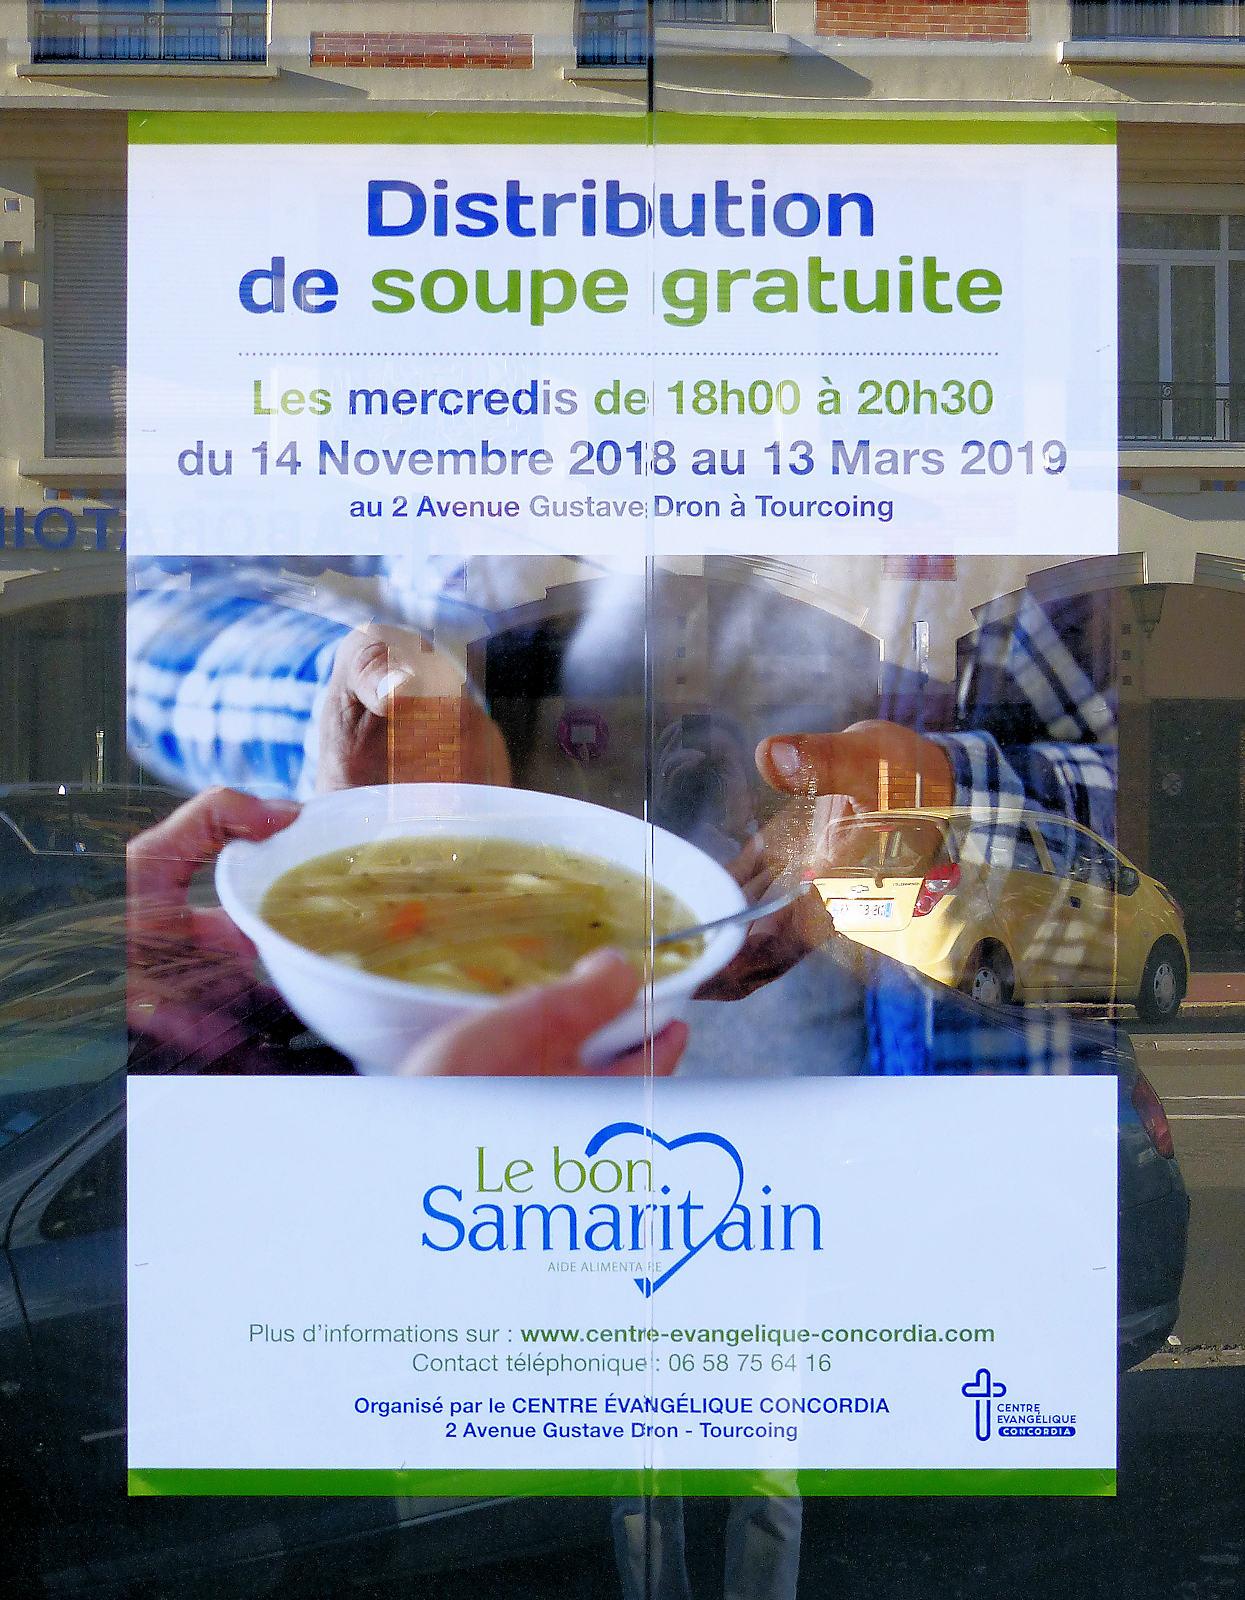 Le Bon Samaritain, soupe gratuite